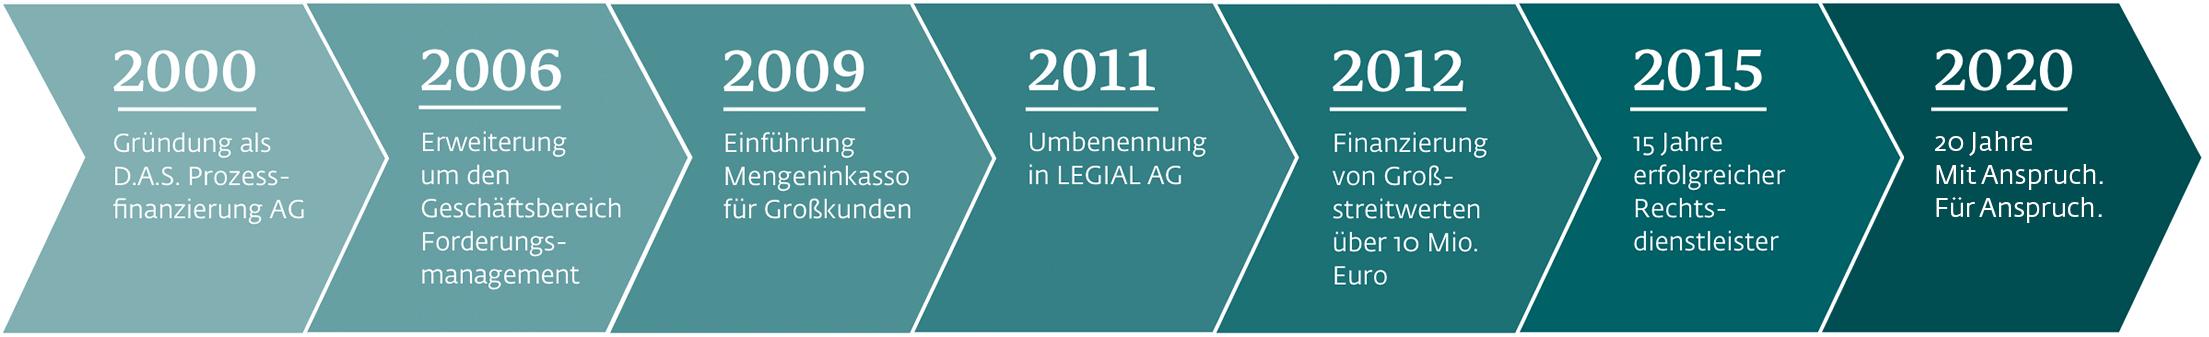 Grafik mit Zeitstrahl und den wichtigsten Meilensteinen (Historie) der LEGIAL von 2000 bis 2015